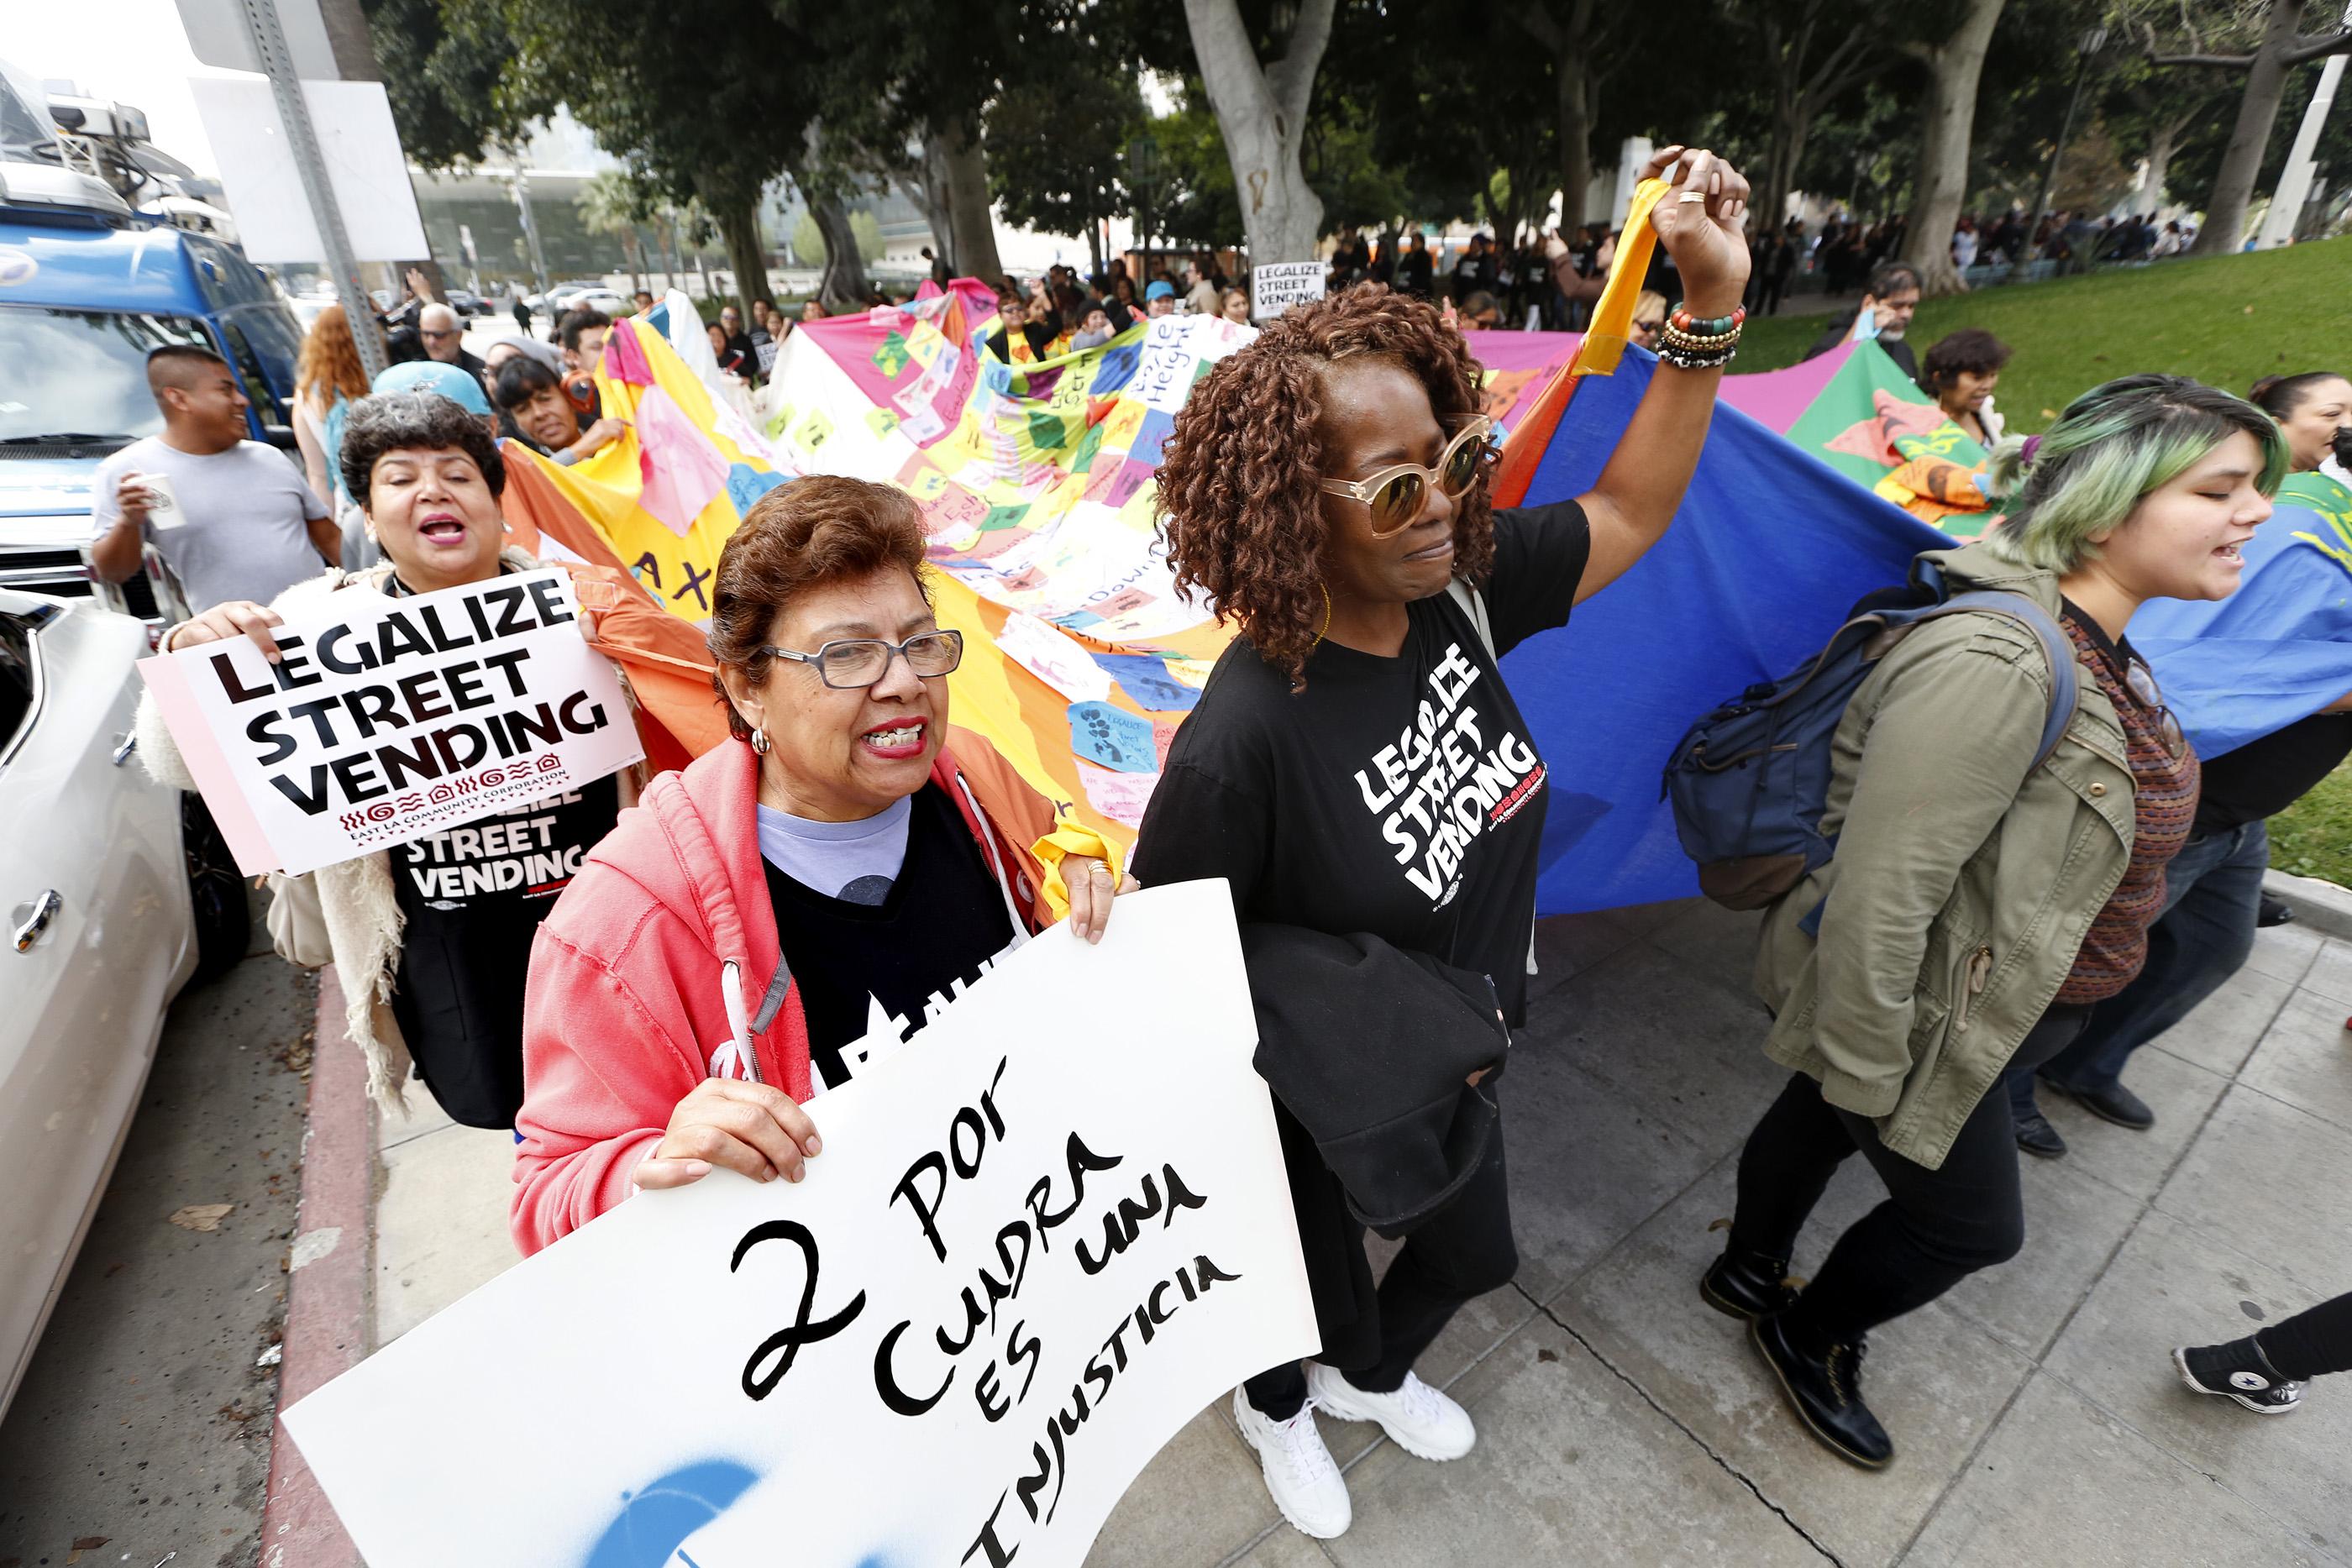 Legalizar la venta ambulante y perdonar las multas ayudaría a muchos inmigrantes a evitar las deportaciones prometidas por Trump (Foto: Aurelia Ventura/La Opinión)